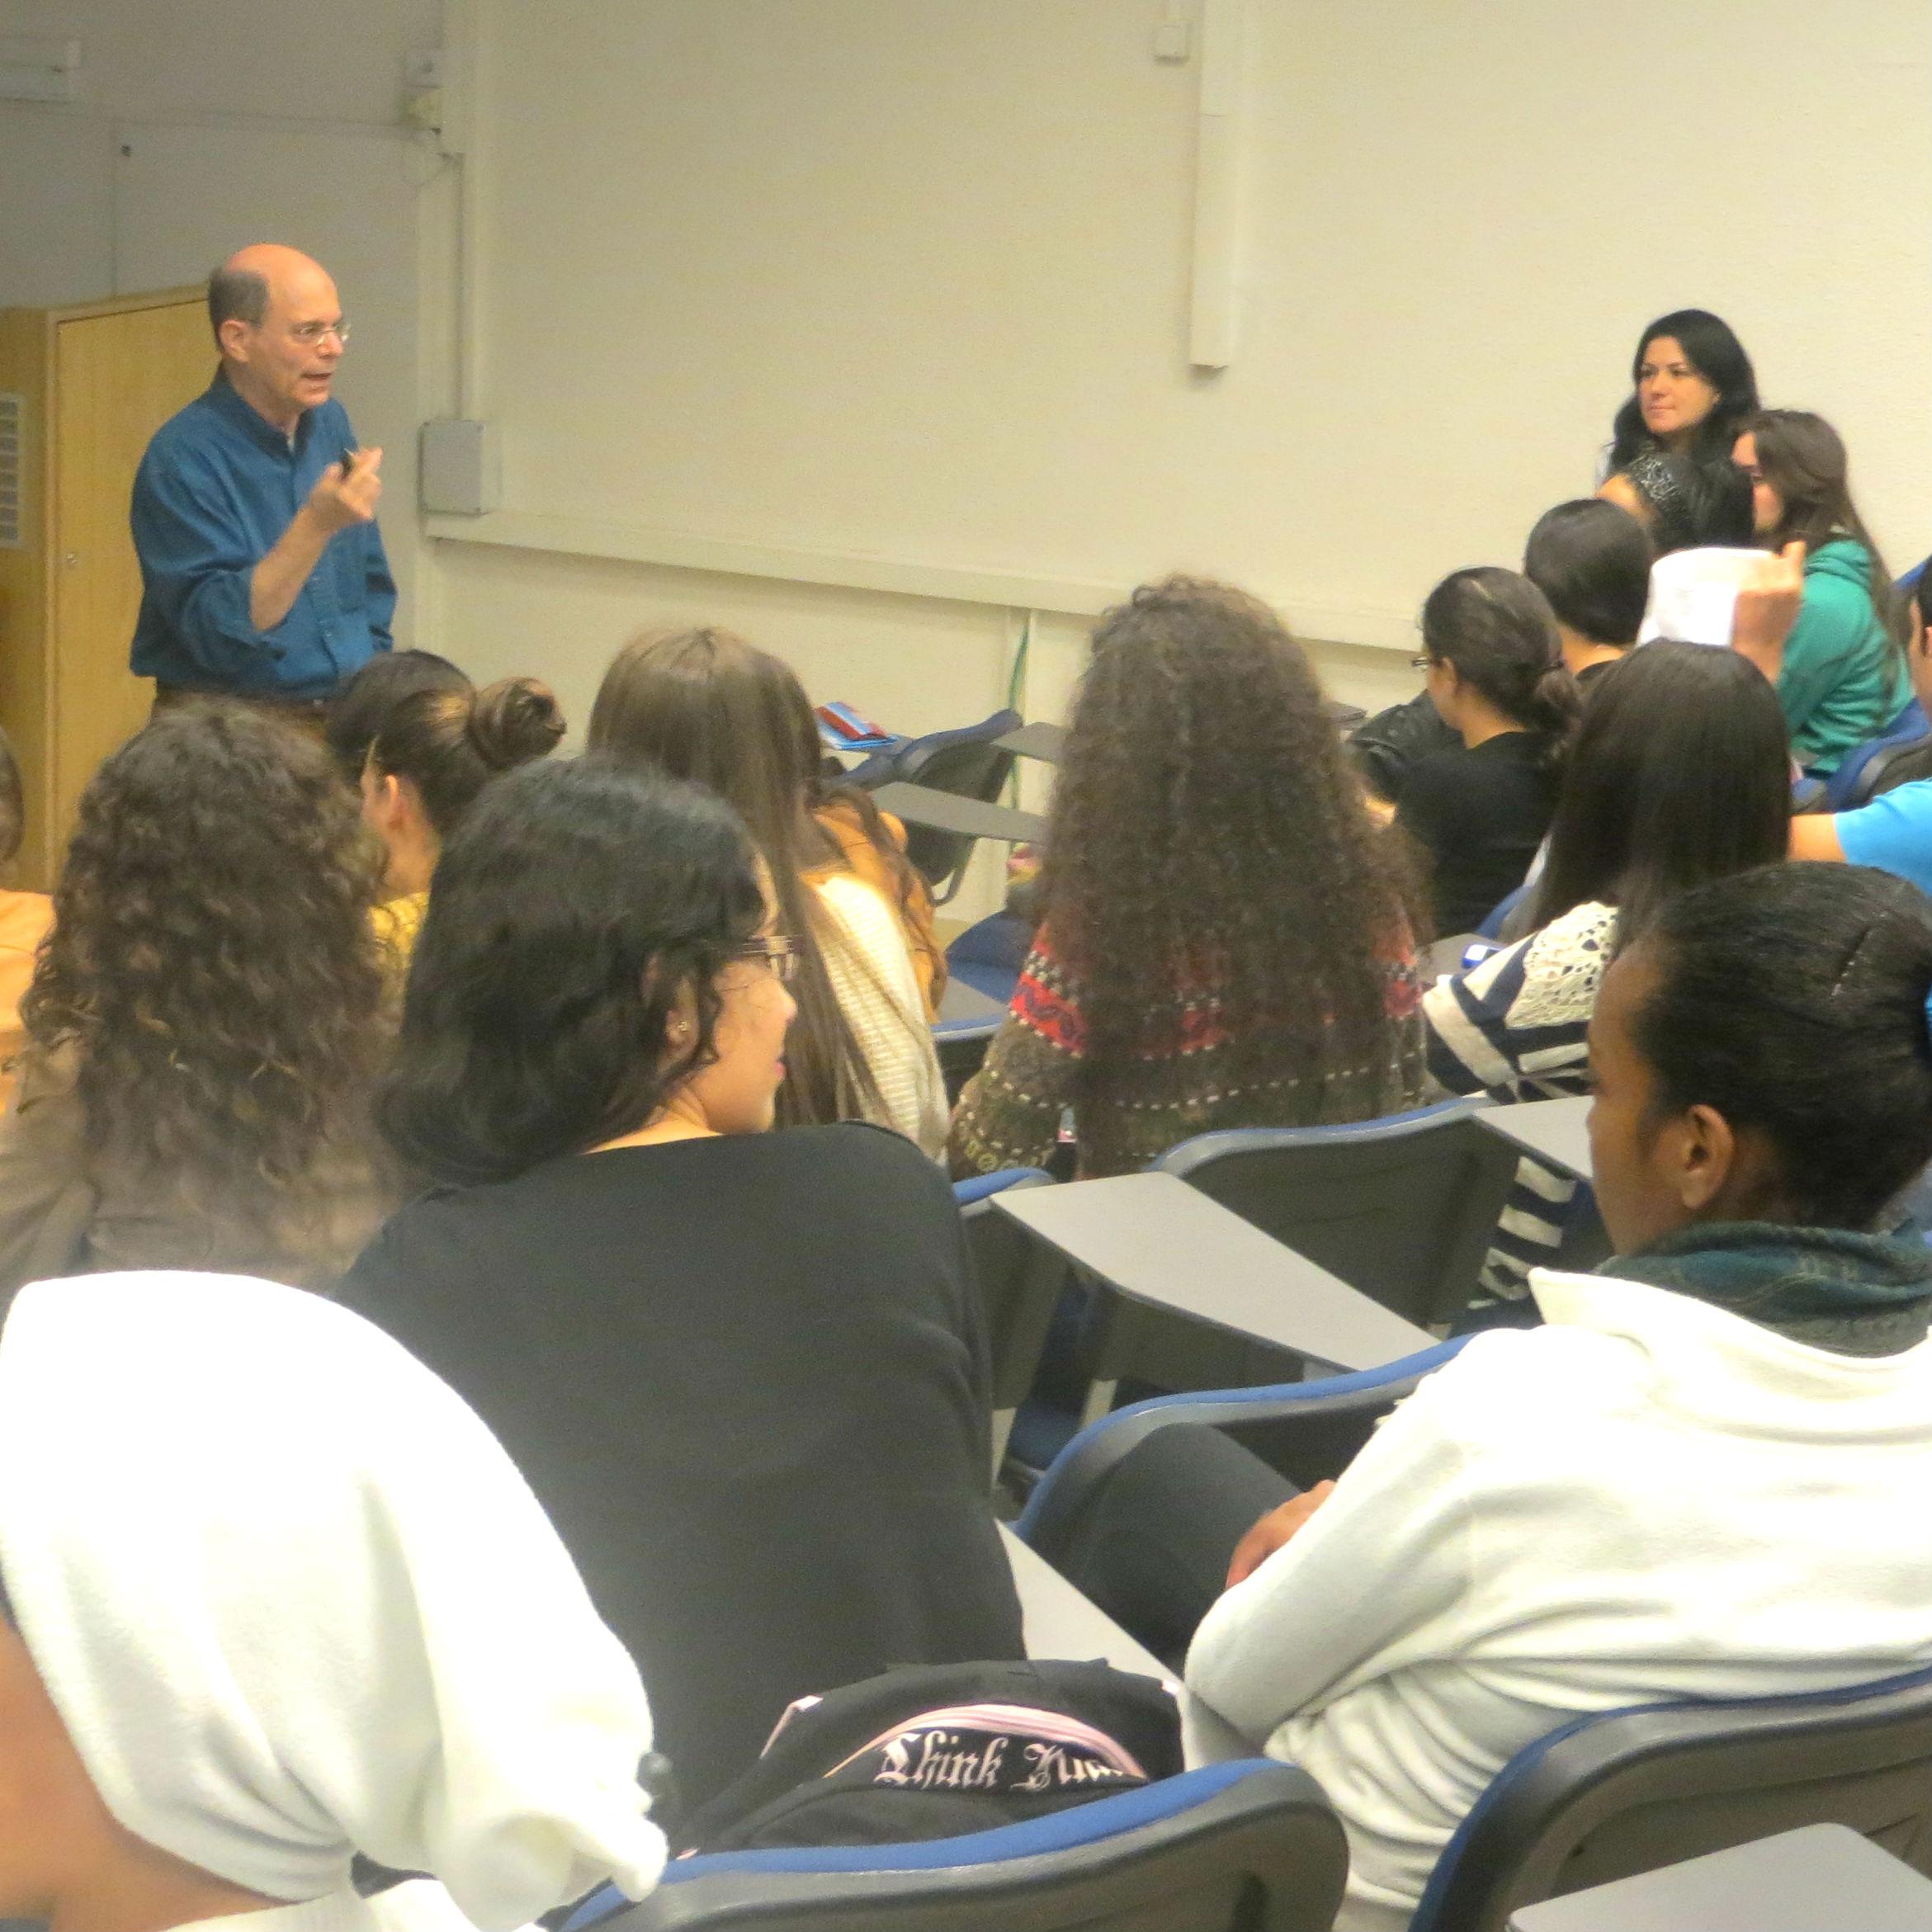 נחנך קורס חדש על עולם המחקר הרפואי לבני נוער מנתיבות